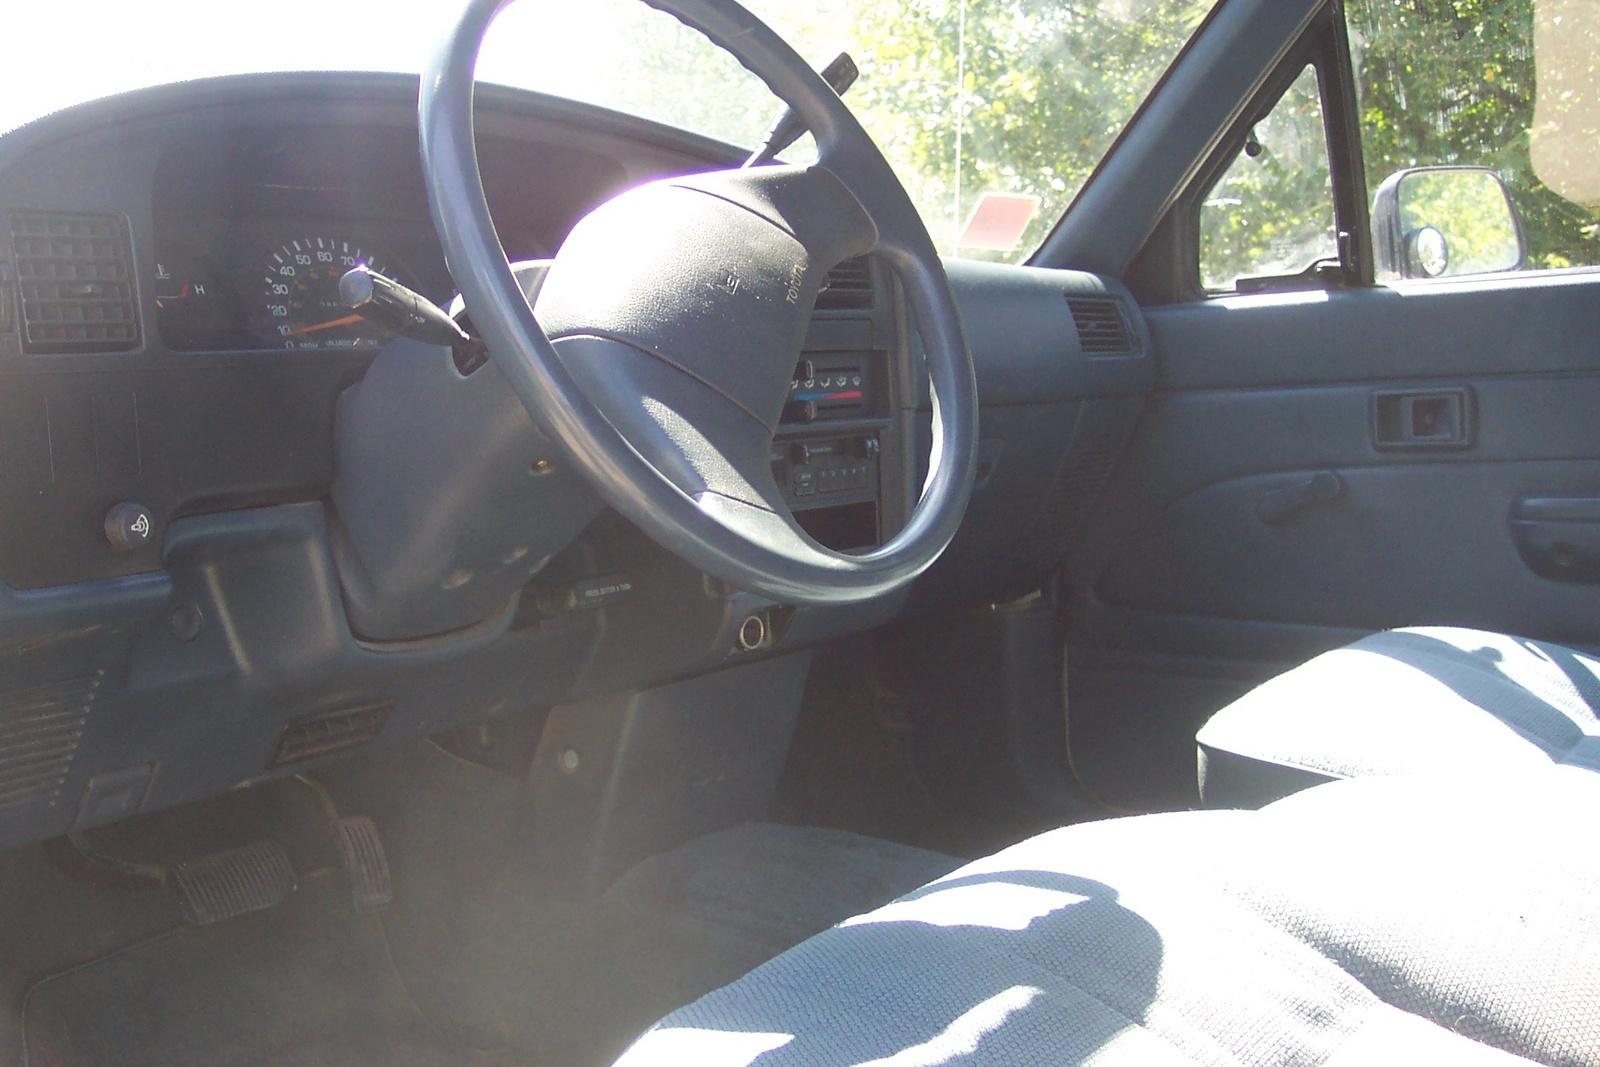 1989 Toyota Pickup Interior Pictures Cargurus